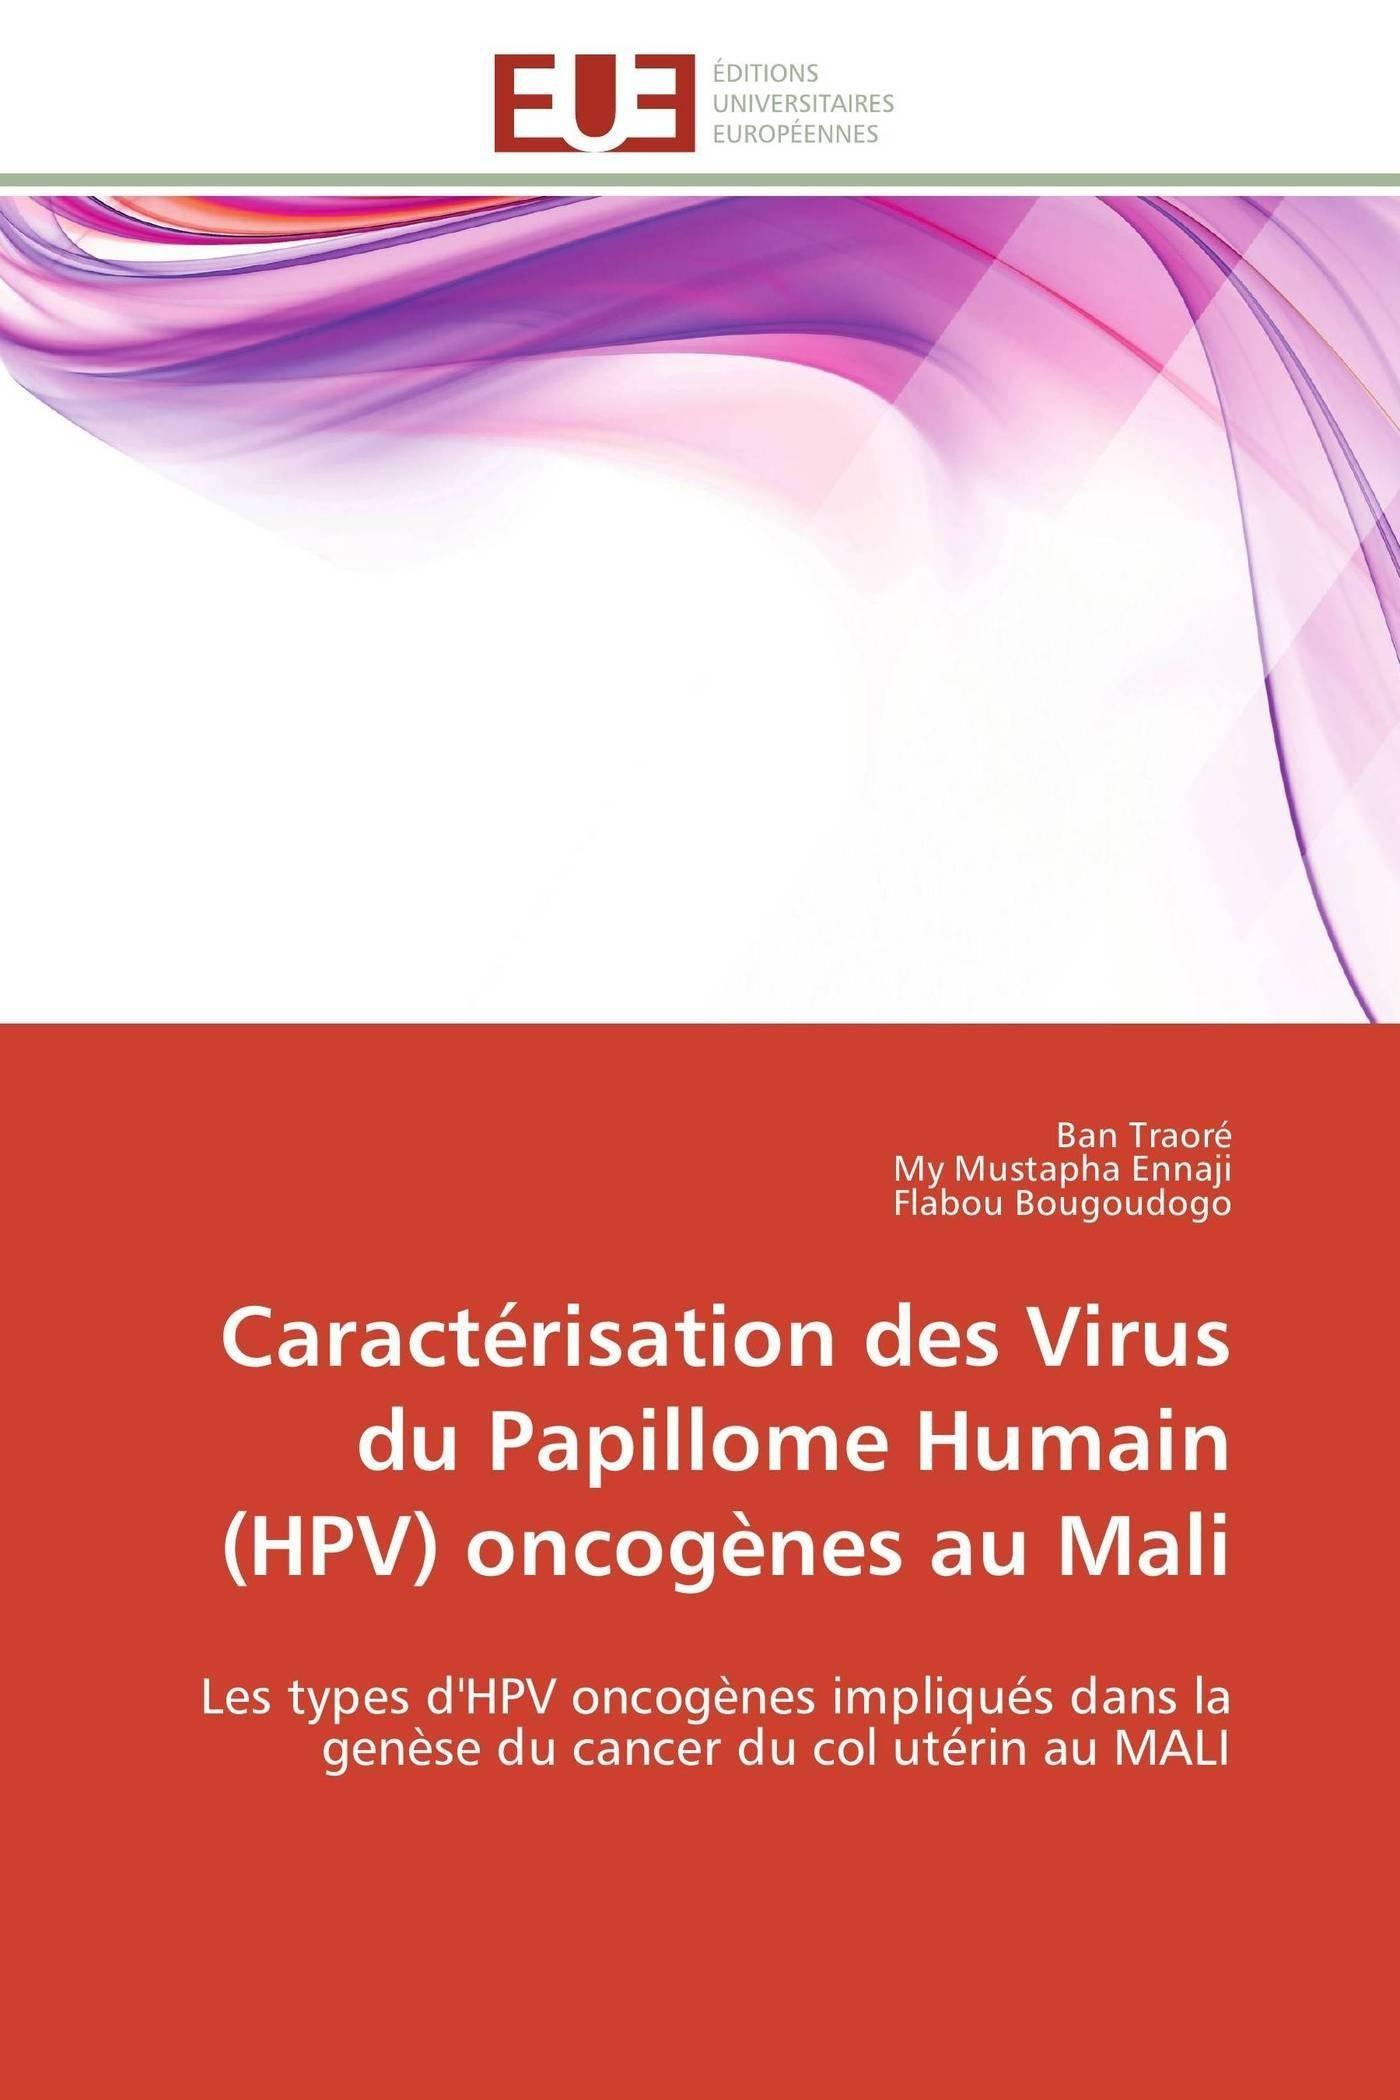 que faire en cas de papillomavirus wart bottom foot child